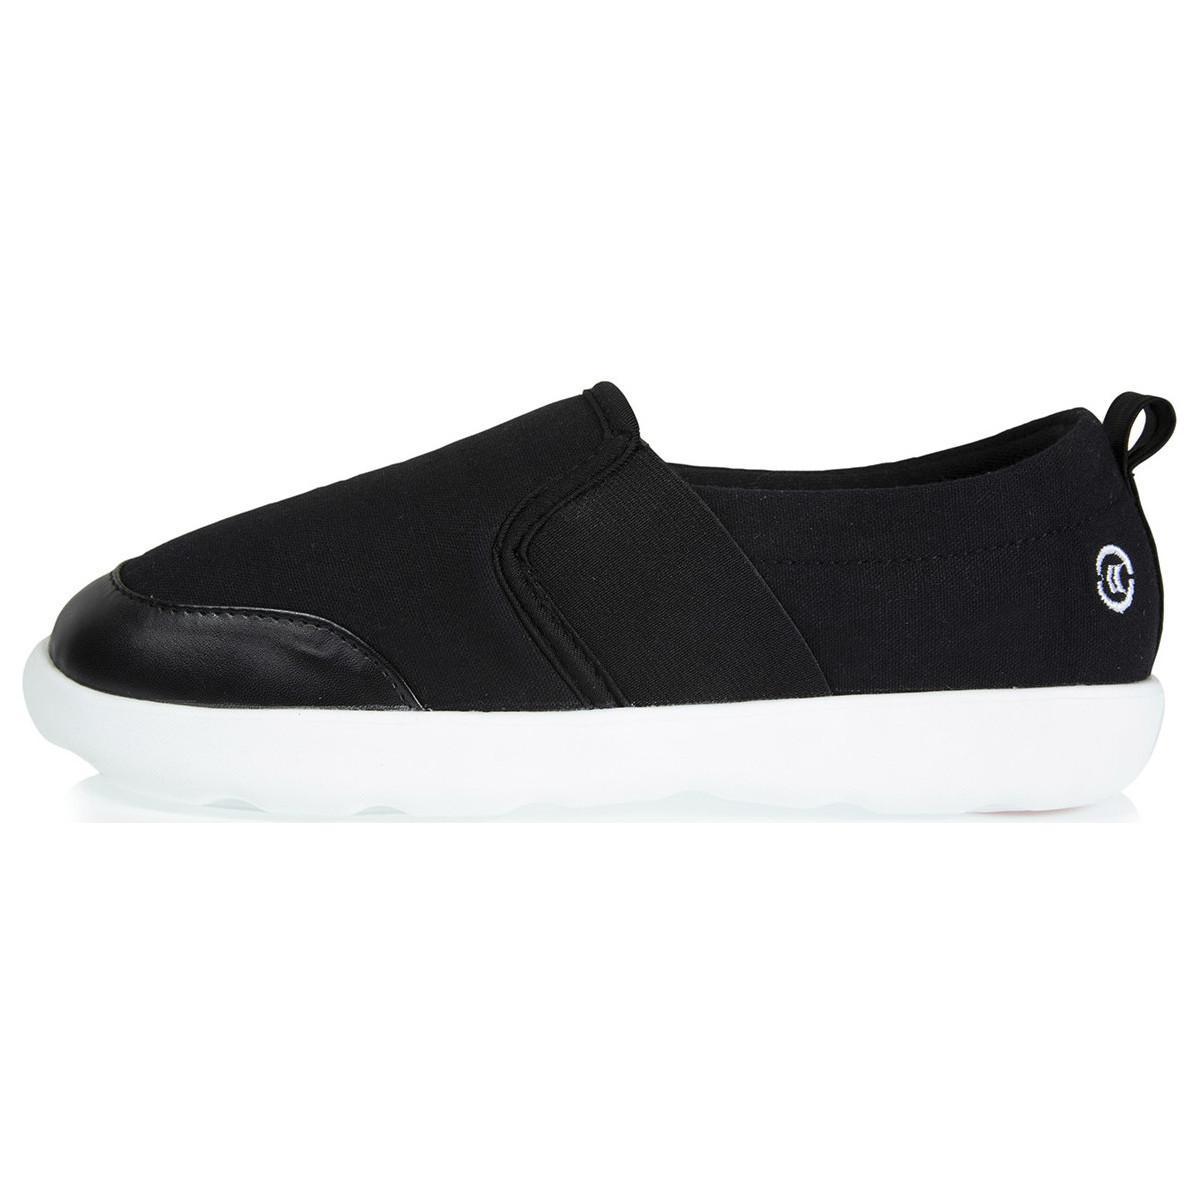 Chaussures ultra-confortables Chaussures Isotoner en coloris Noir